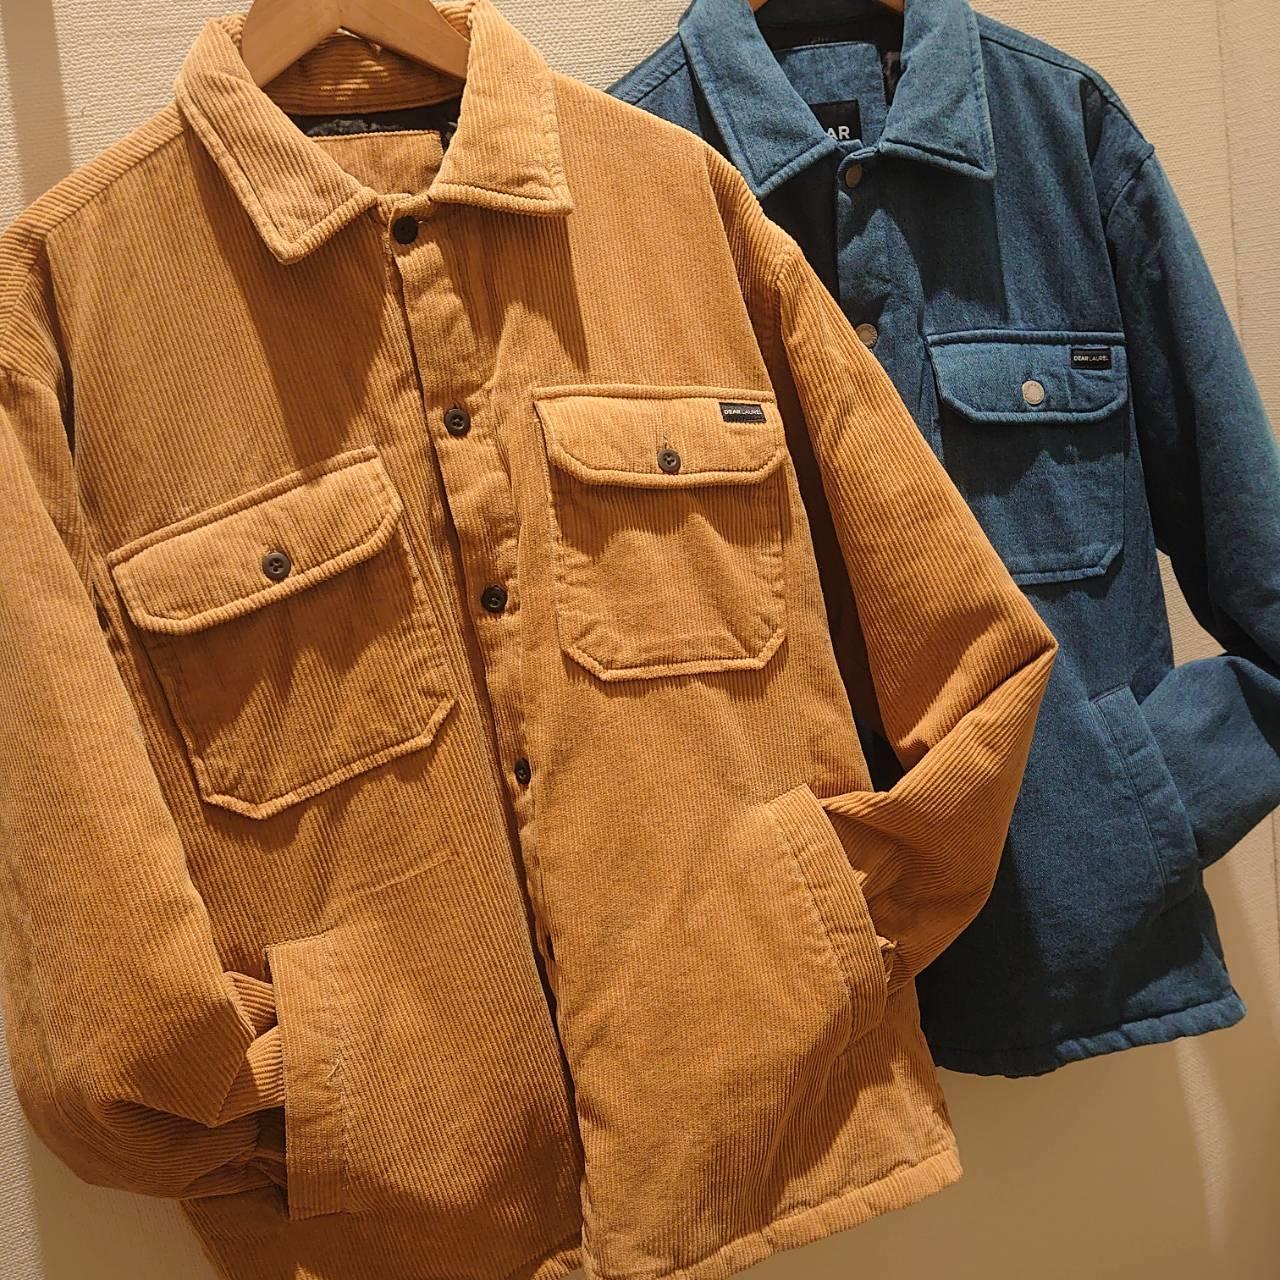 【メンズ】D.LAURELシャツジャケットのご紹介です♪